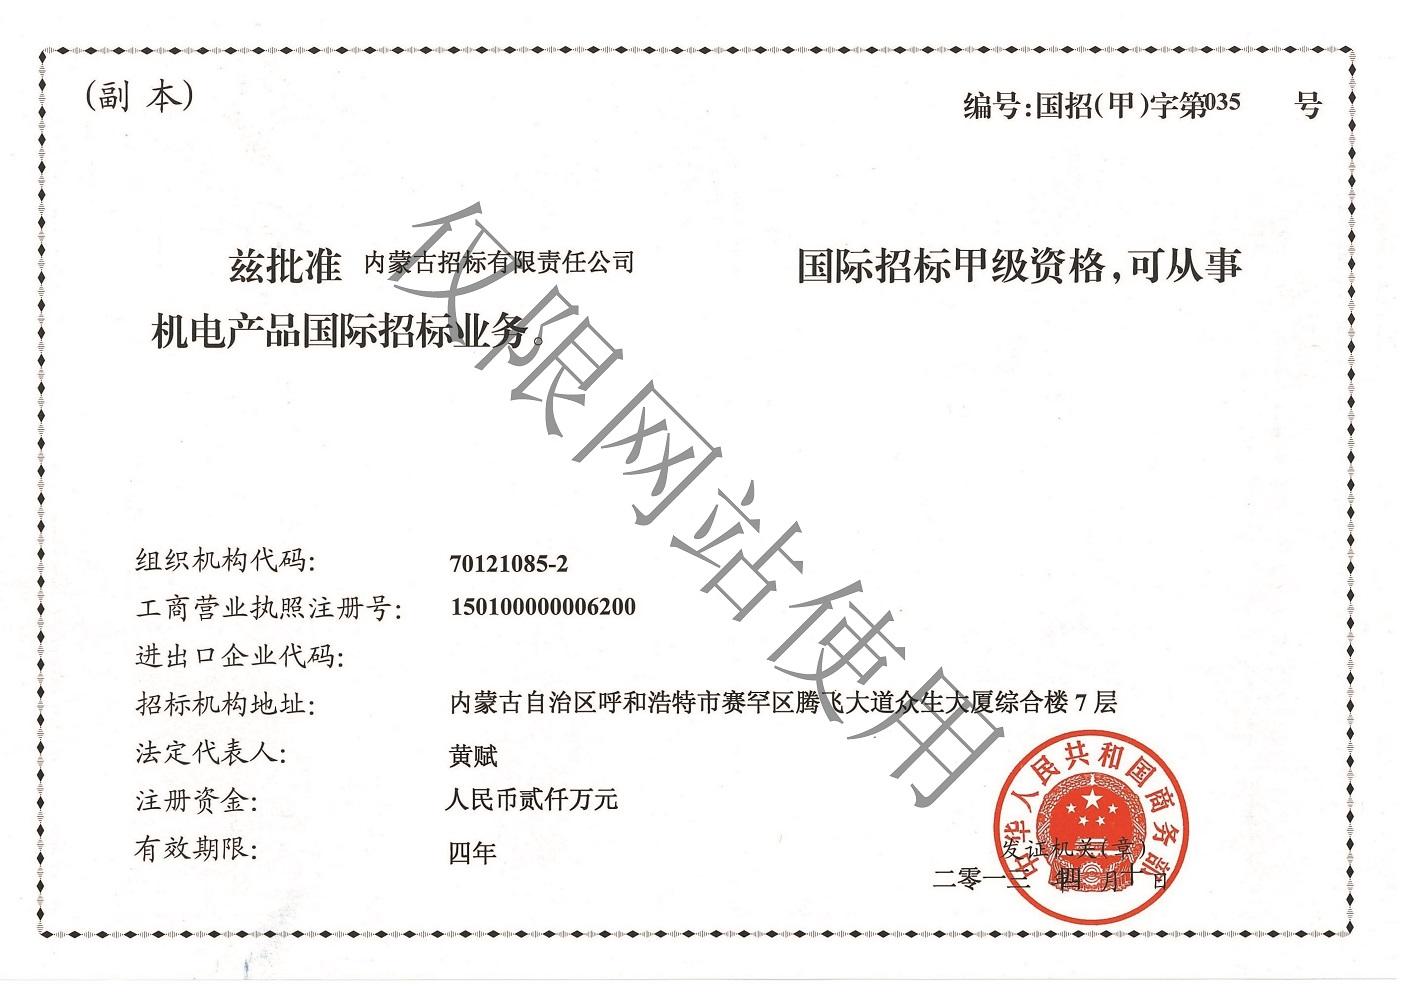 国ji88娱乐2官网甲级副ben